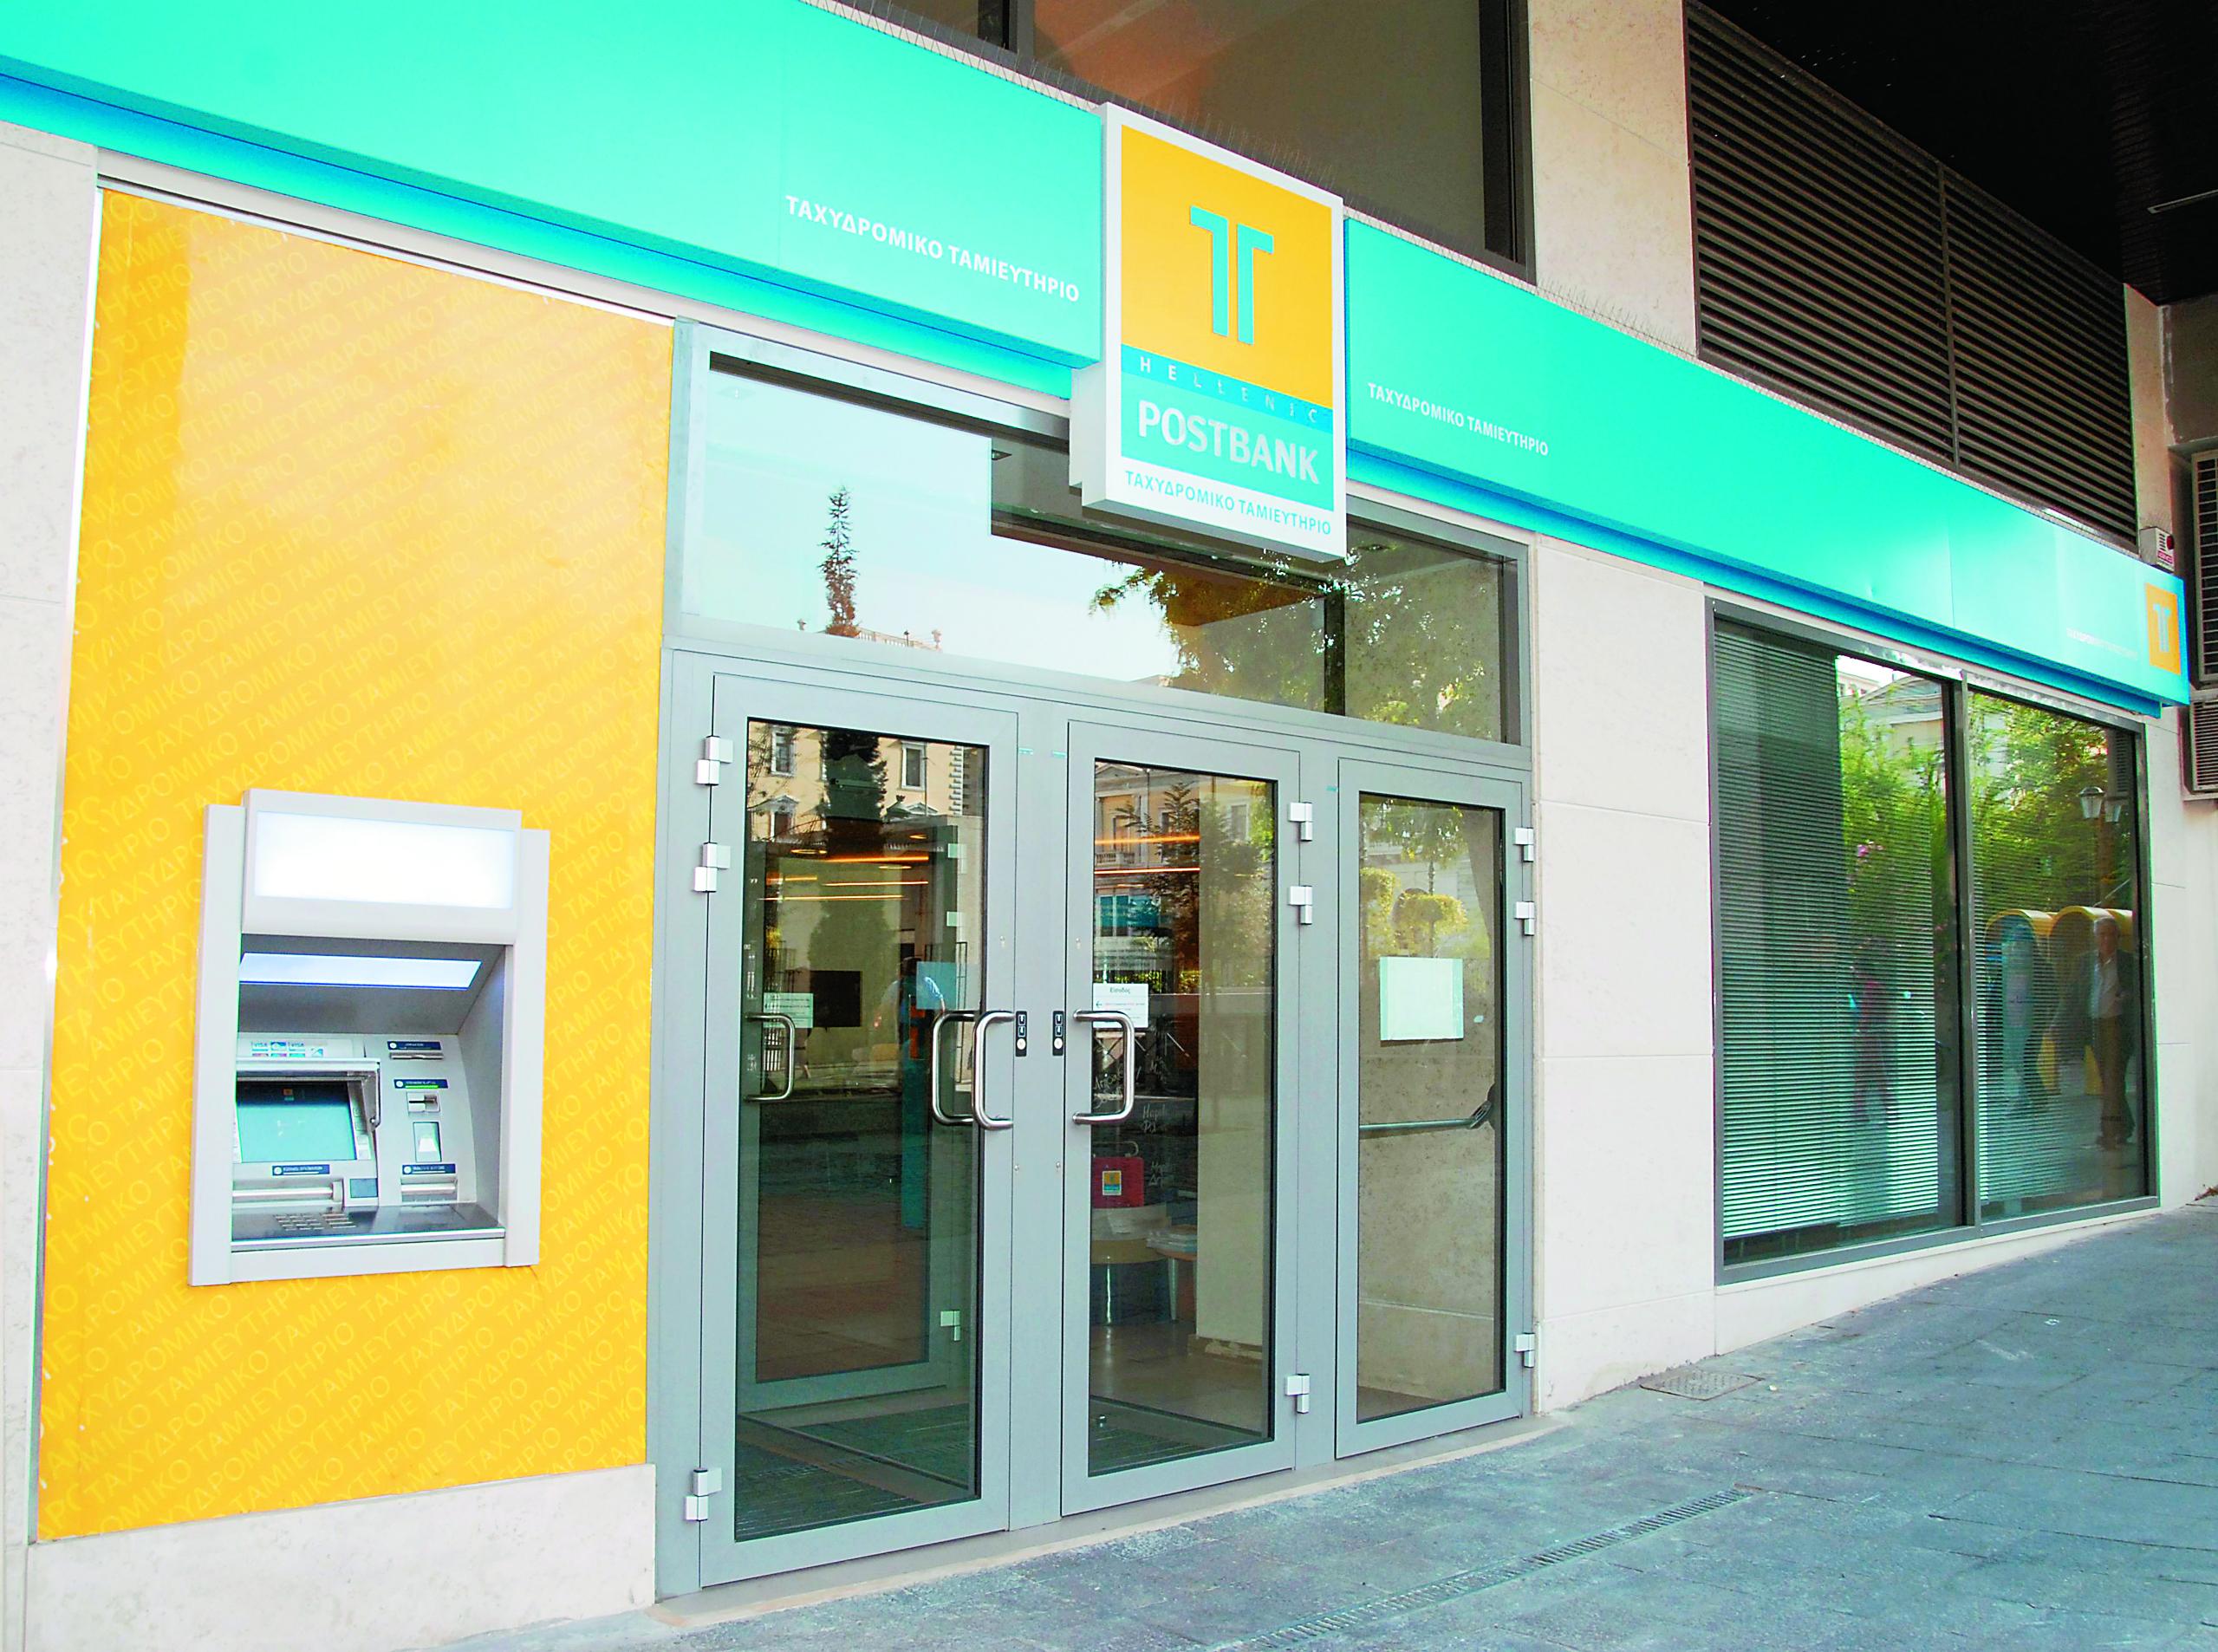 Υπεγράφη τριετής επιχειρησιακή σύμβαση στο Νέο Ταχυδρομικό Ταμιευτήριο | tovima.gr